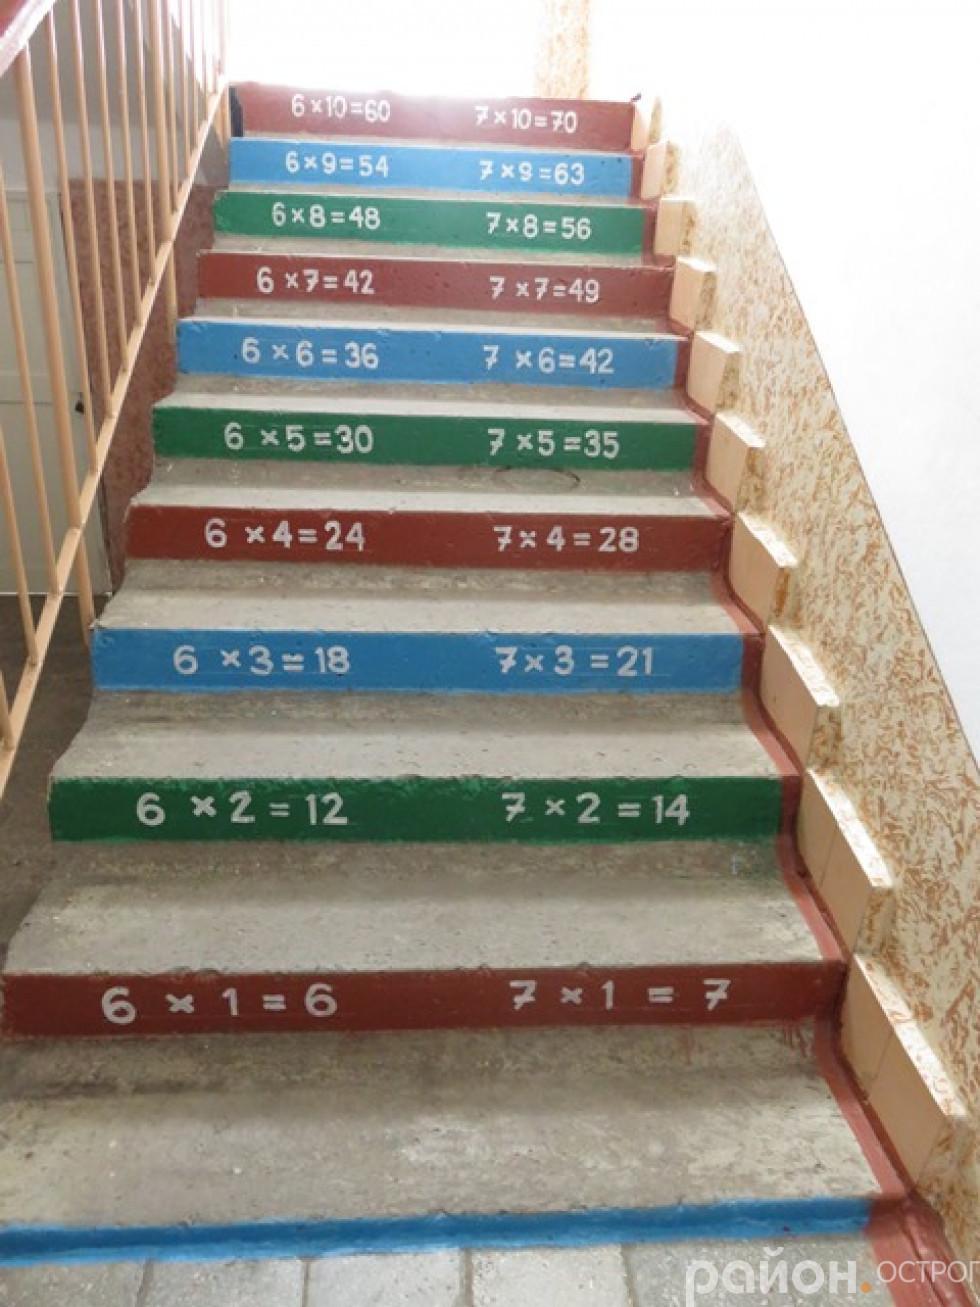 На сходах вчителі написали табличку множення